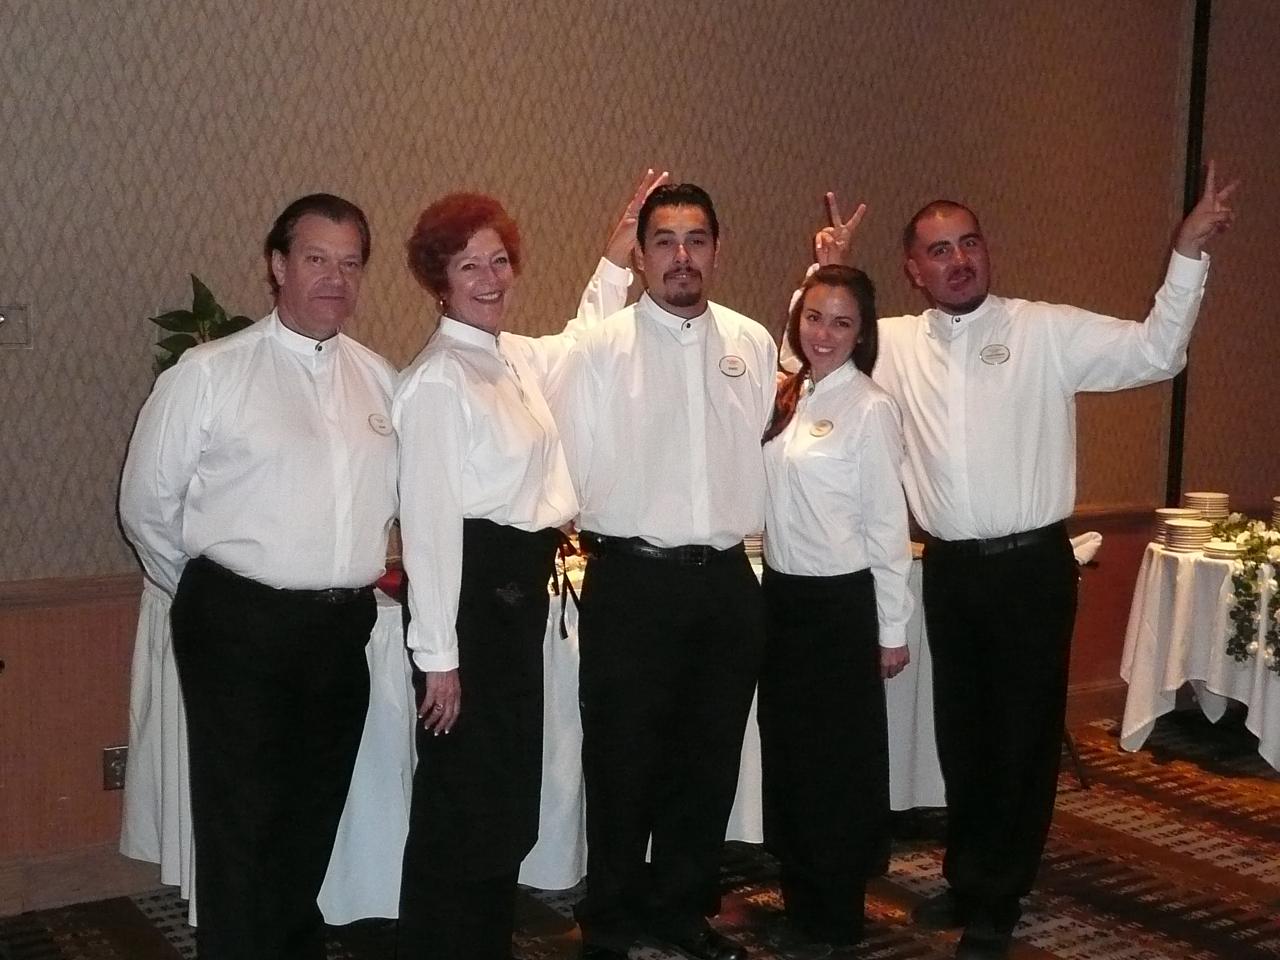 weddings at poco diablo resort sedona arizona poco diablo banquet staff having fun just before the reception